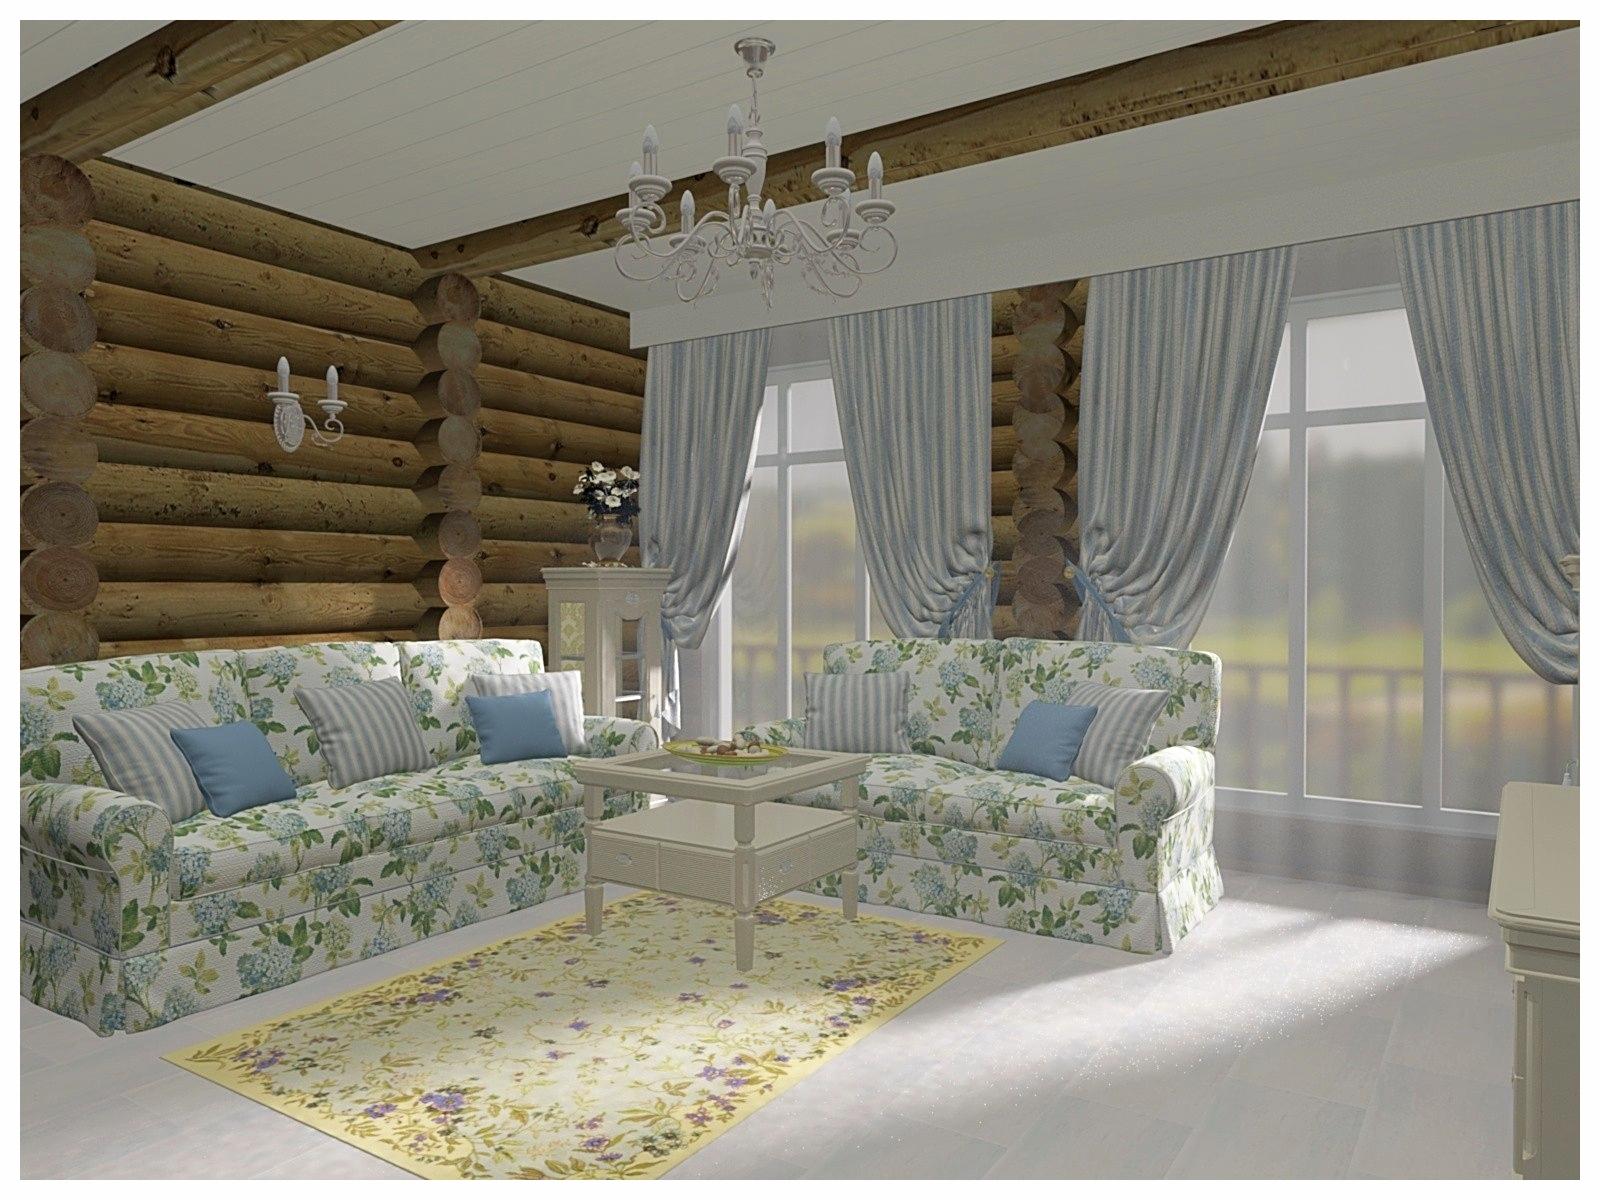 Дизайн интерьеров в коттедже из бревна. Зона мягкой мебели.